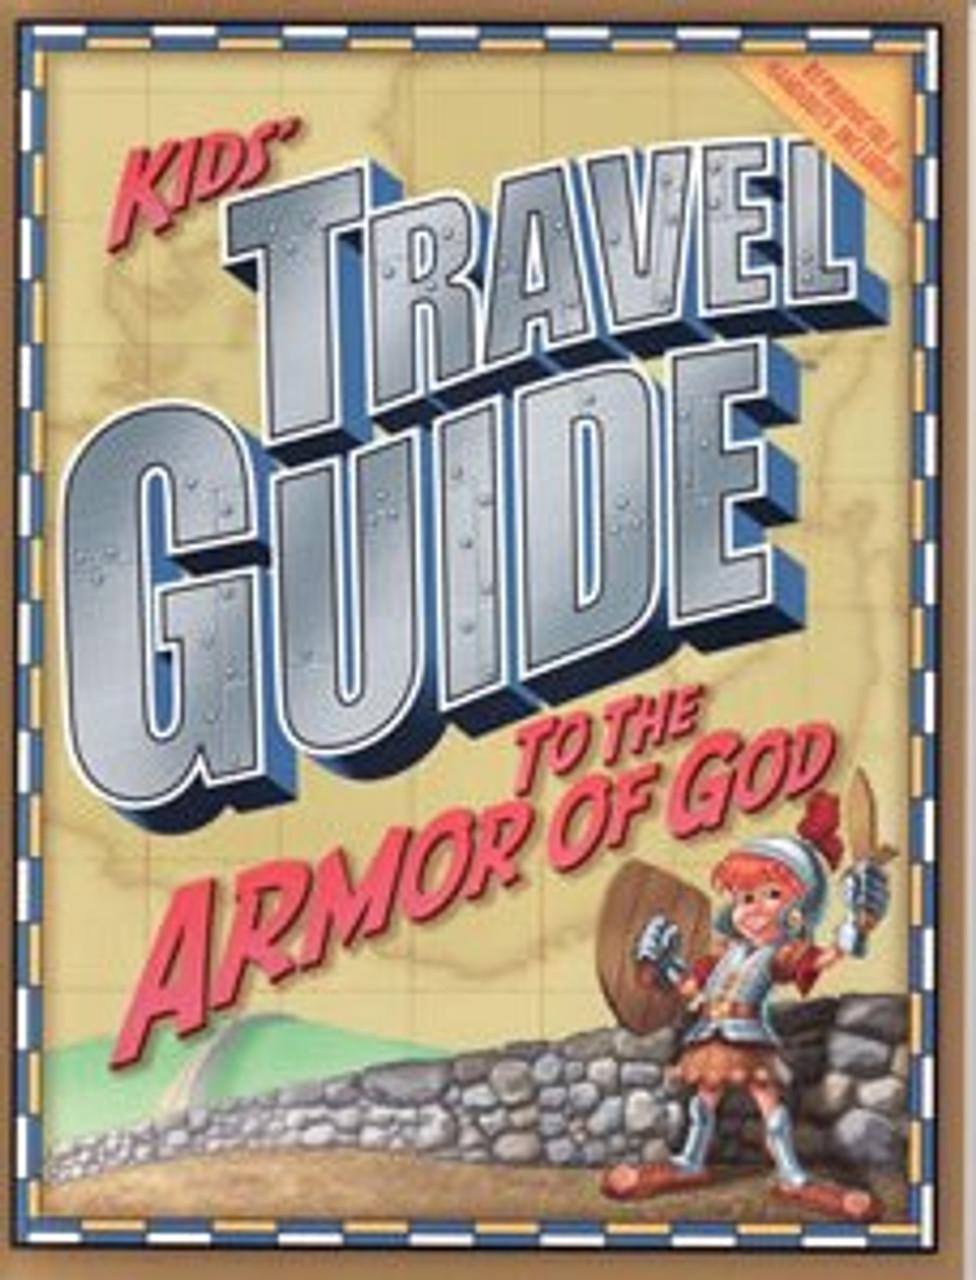 Kids Travel Guide Armor of God